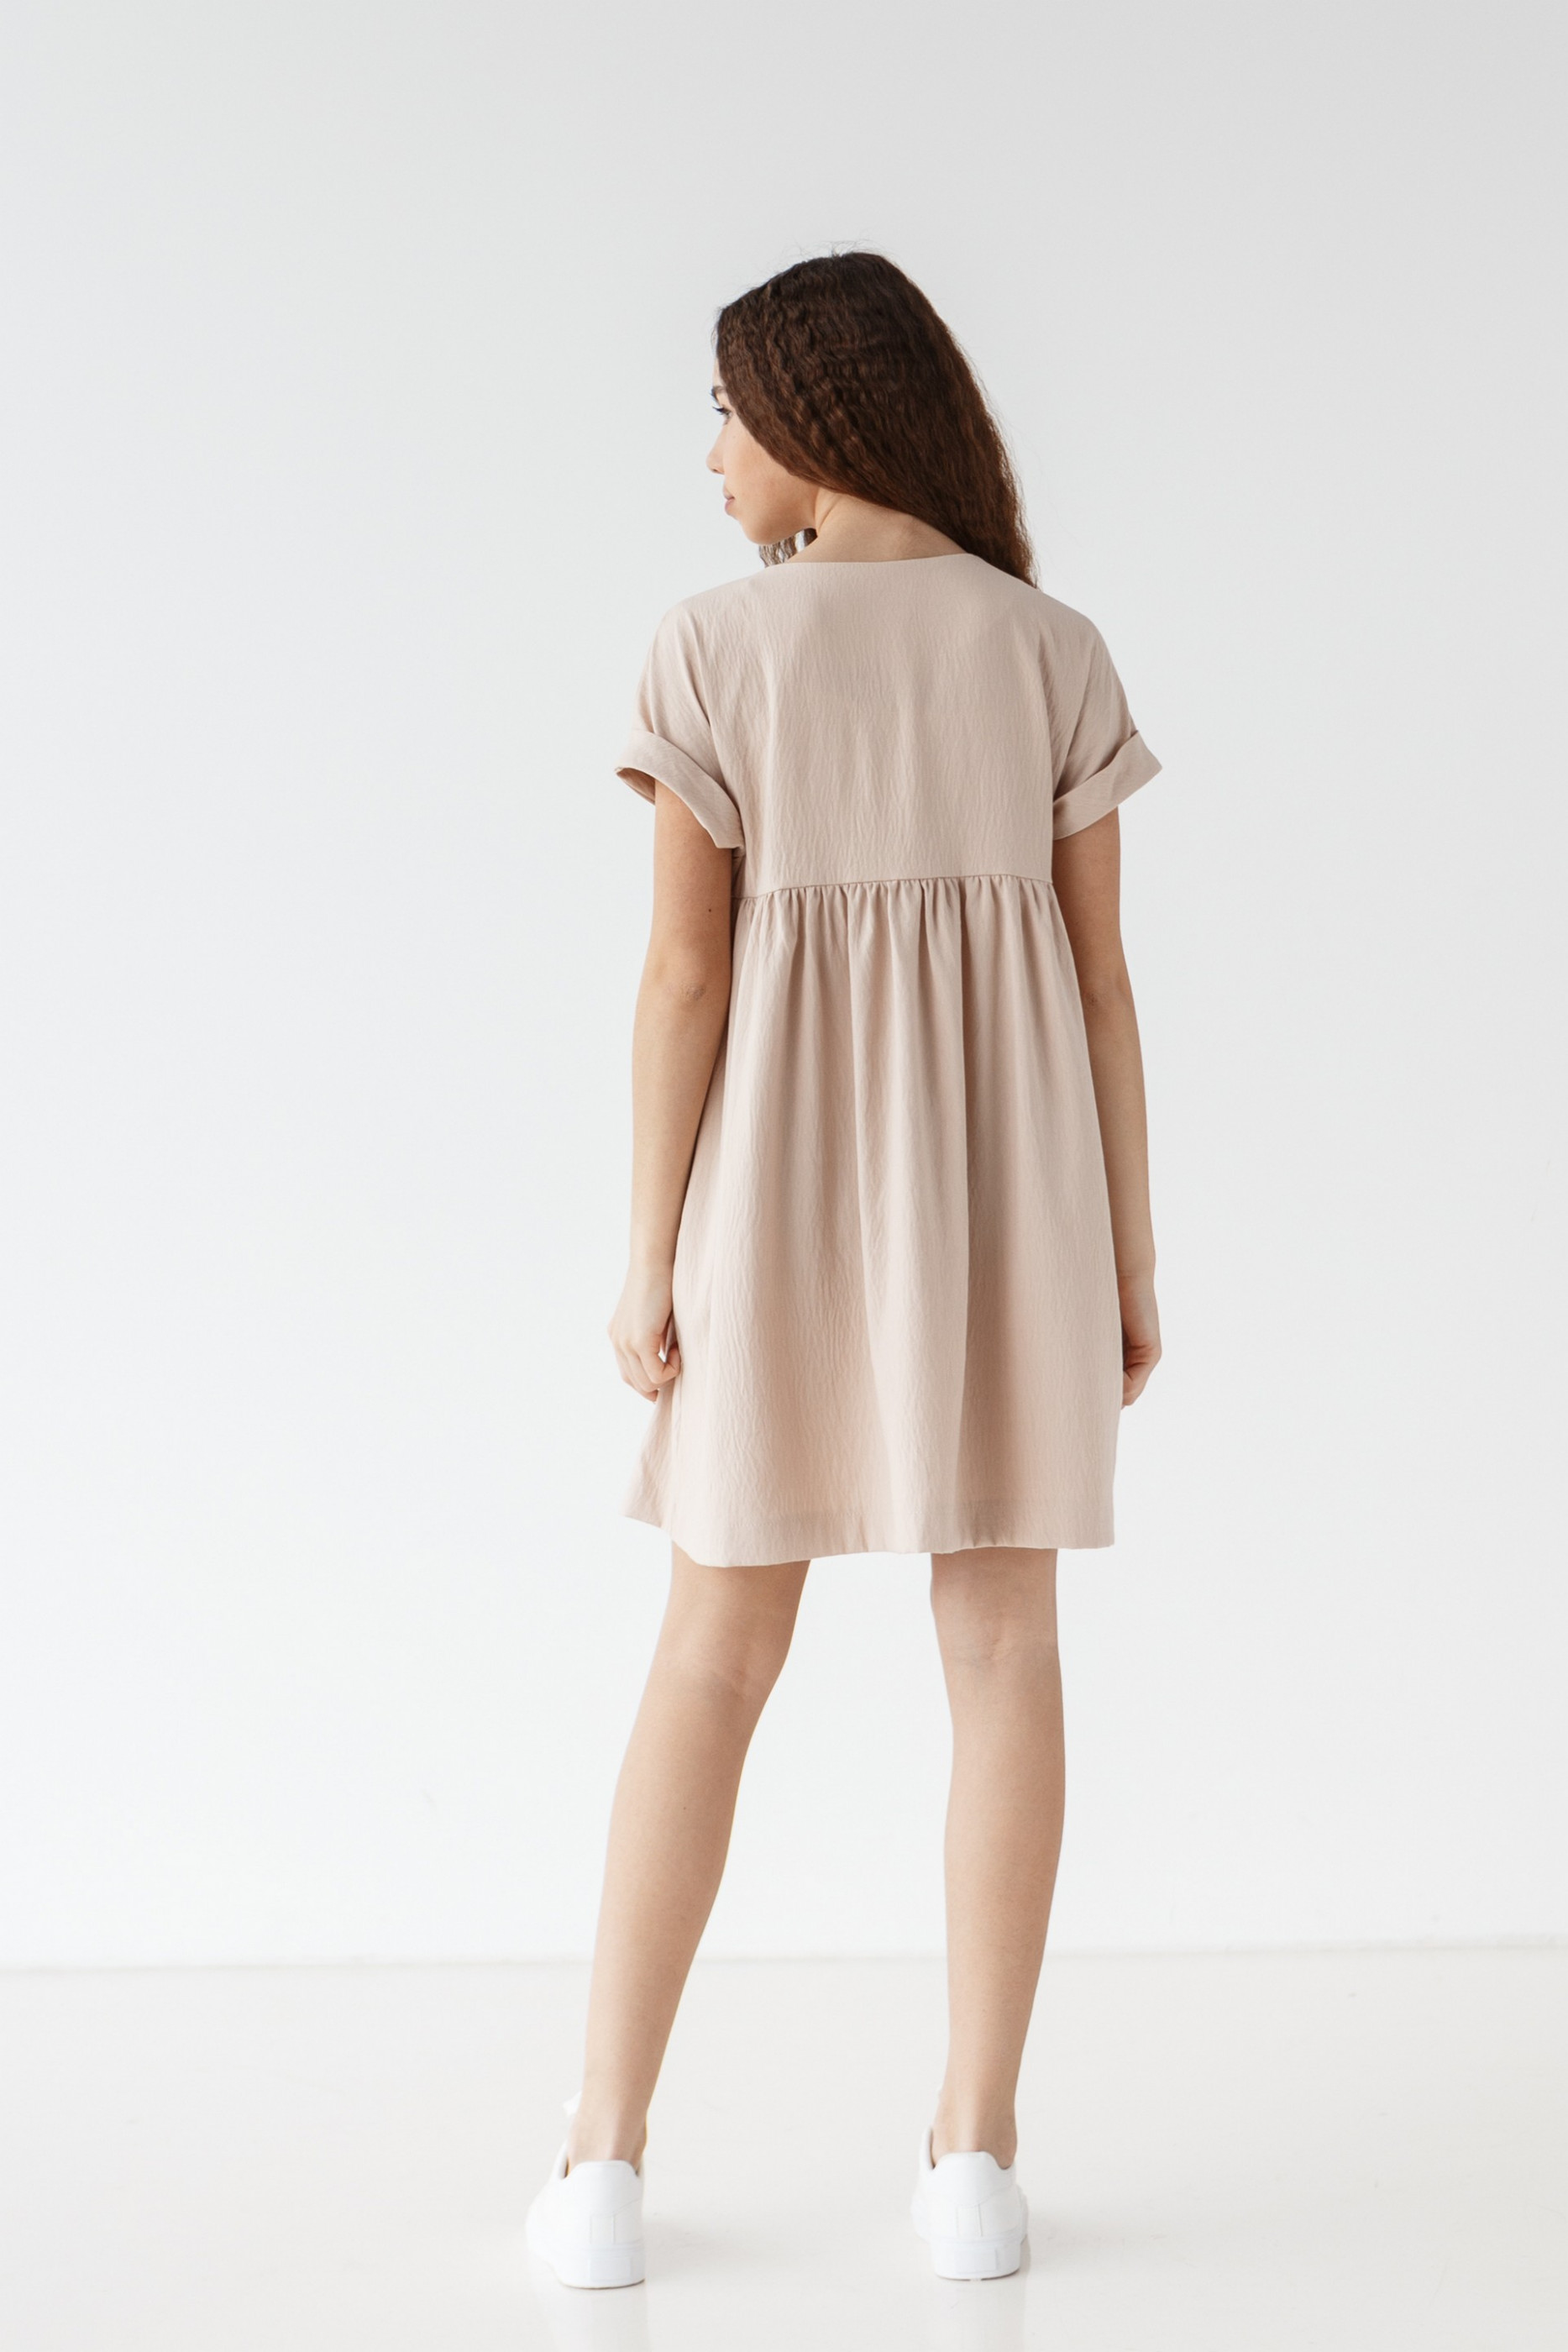 Плаття Лана, фото №3